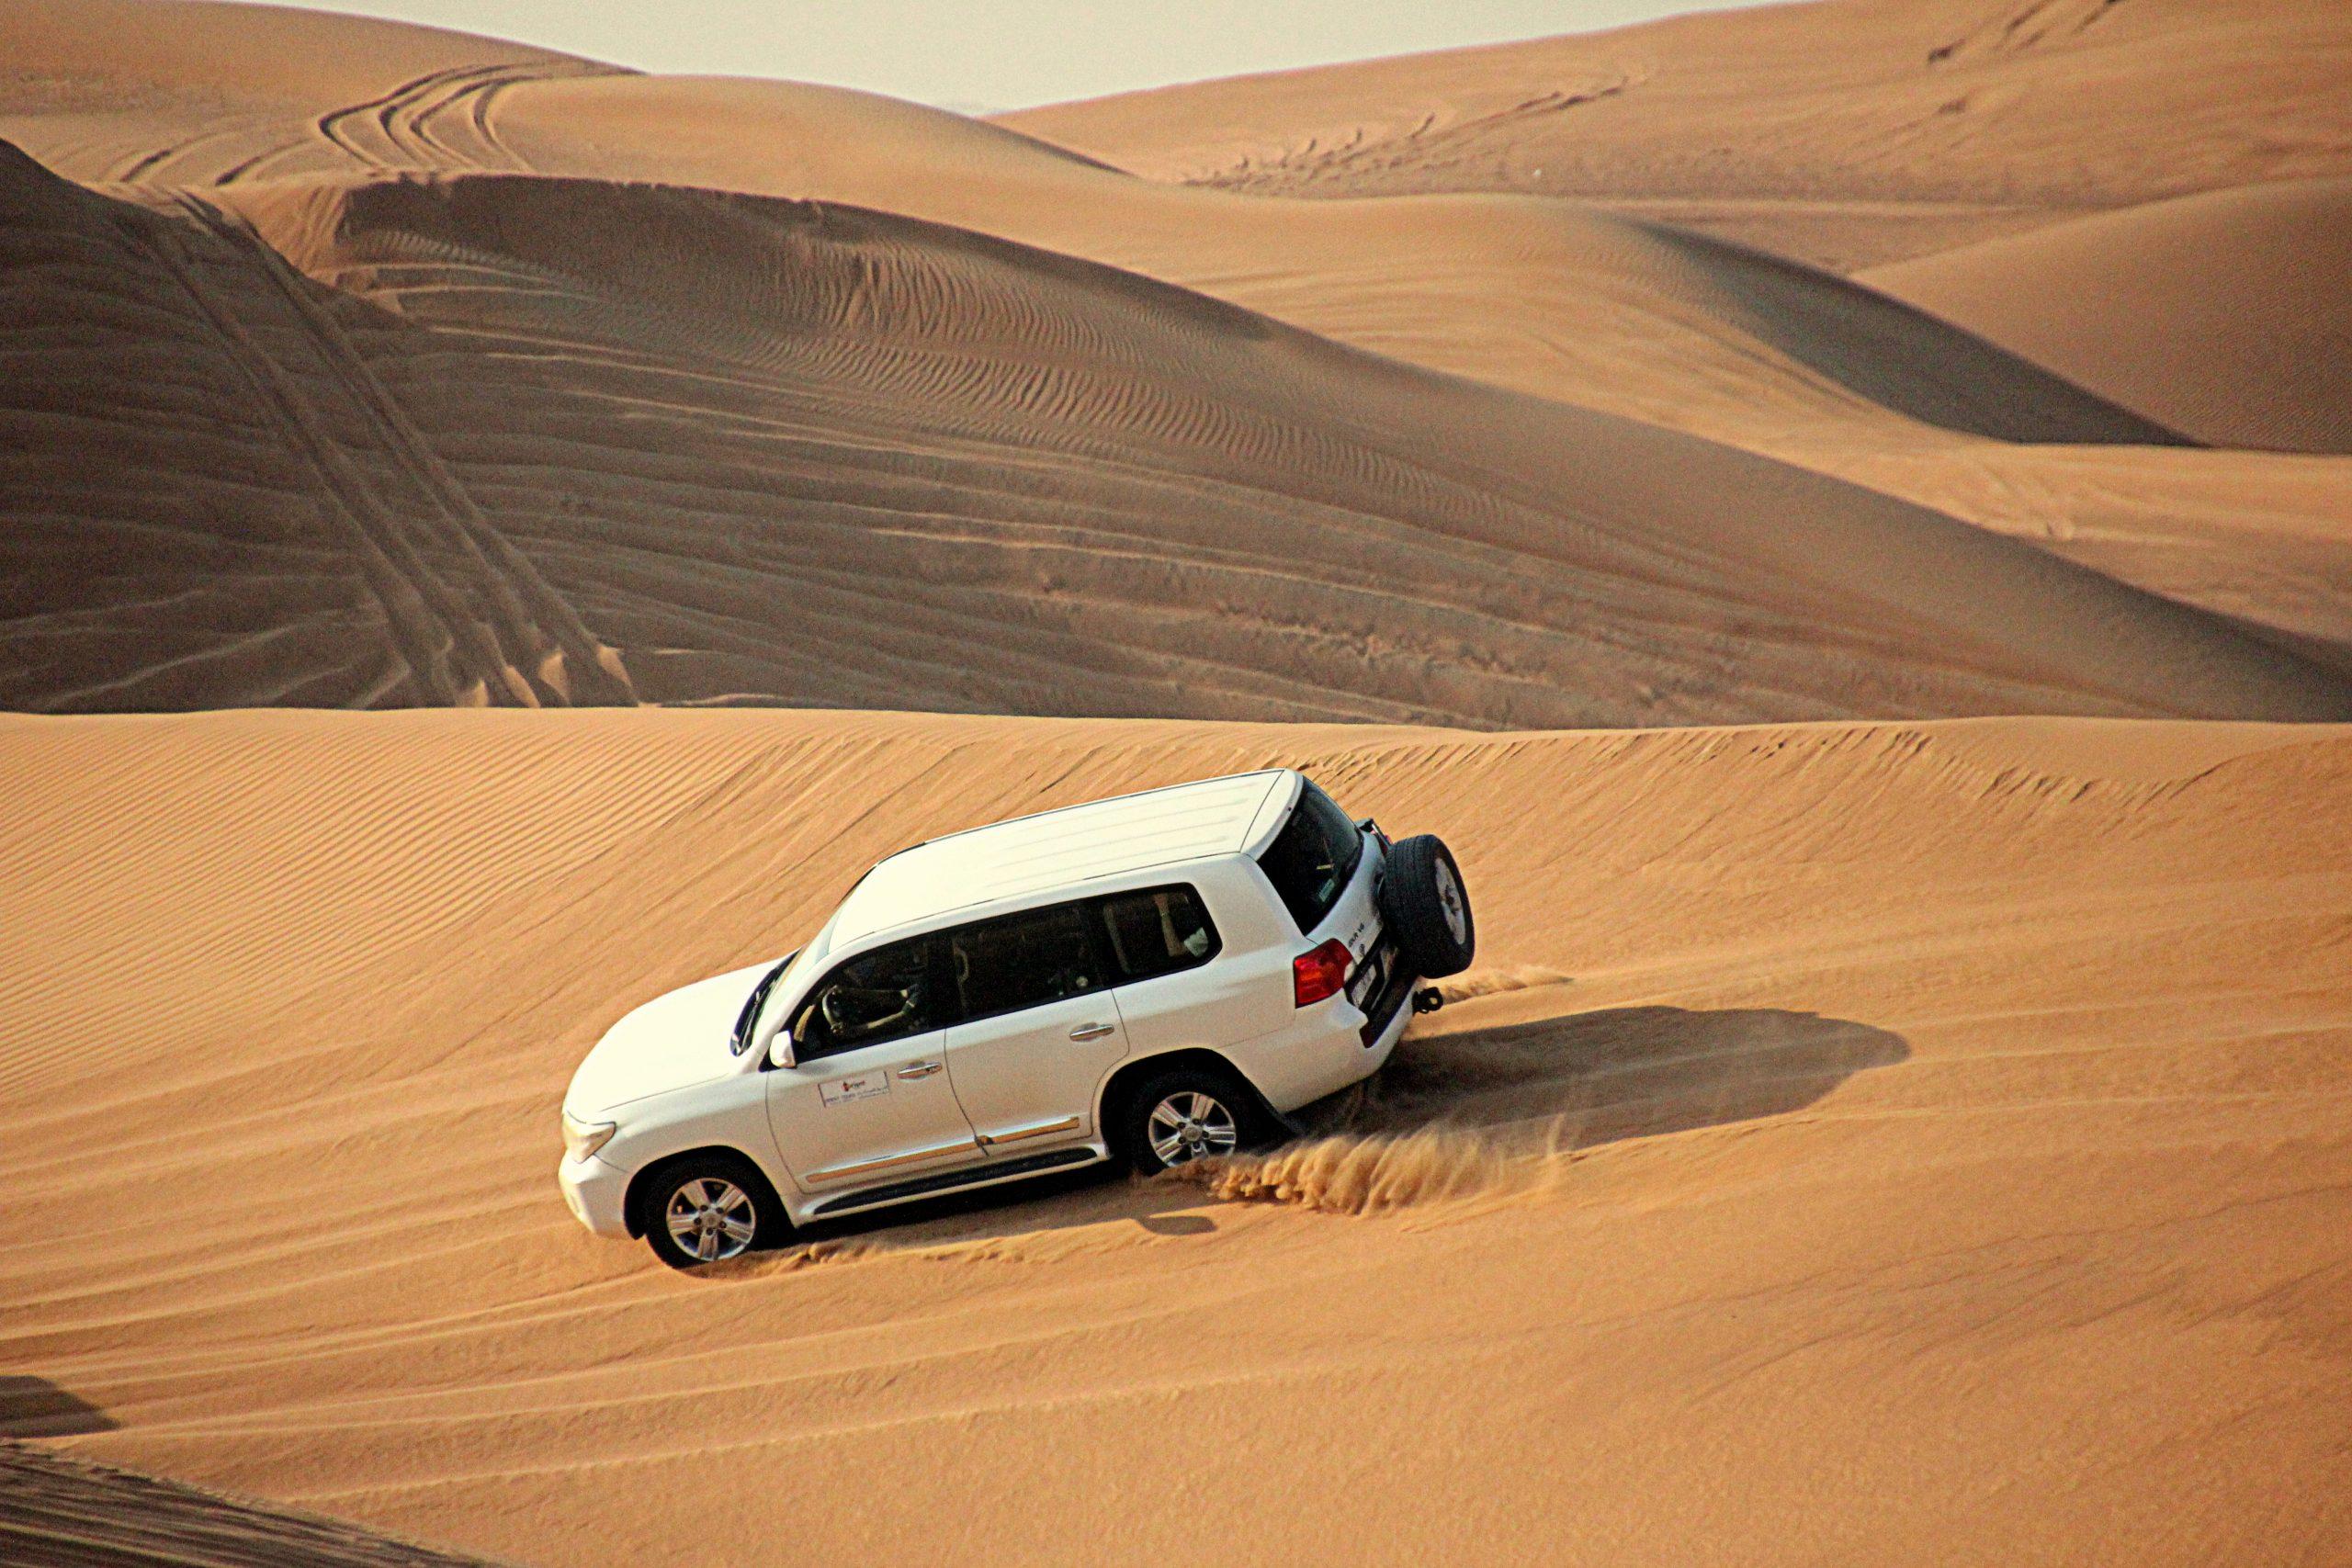 Safari in Desert in Dubai